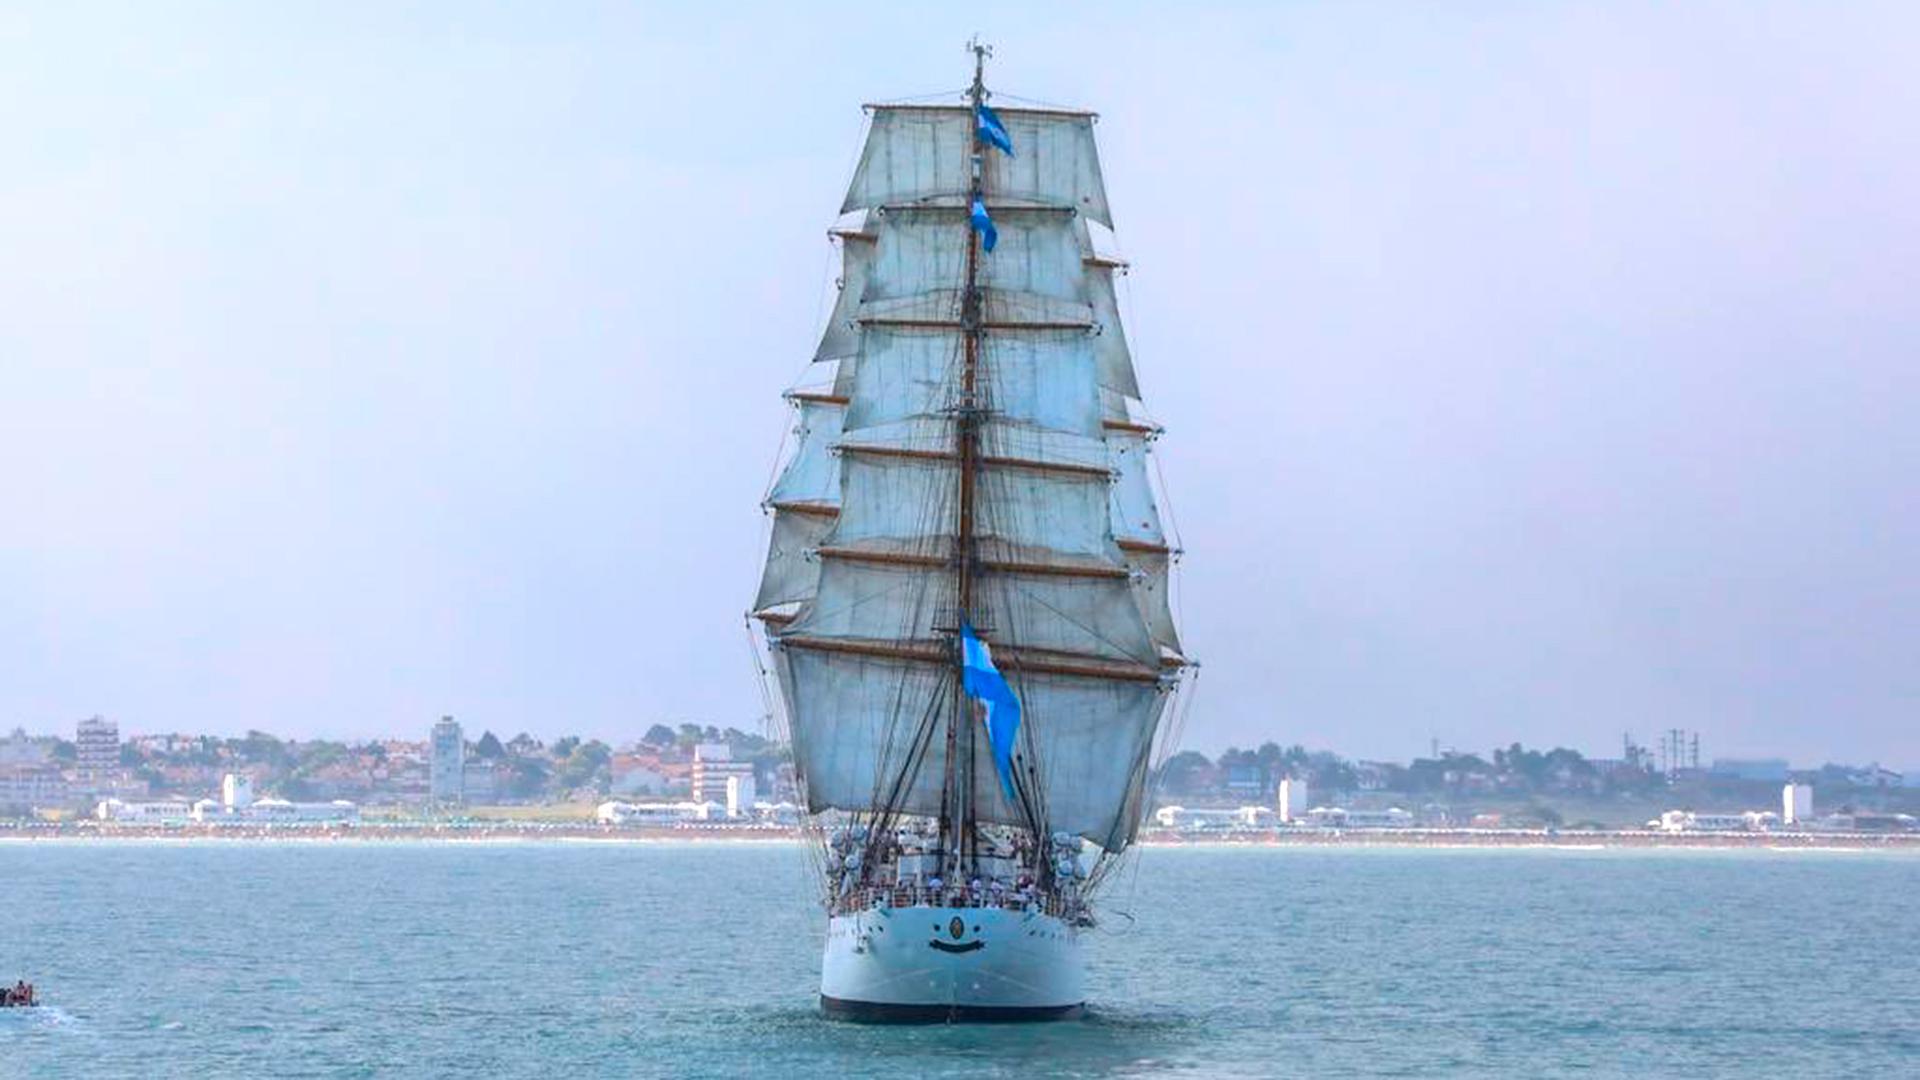 La nave inició su vida como barco de instrucción recorriendo los mares del mundo; fue diseñado y construido en 1953 en el ARS, como parte del proceso de modernización militar del gobierno de Juan Domingo Perón y botado tres años después. Entre 1954 y 1955 se produjeron variaciones en el proyecto original y la configuración de la nave